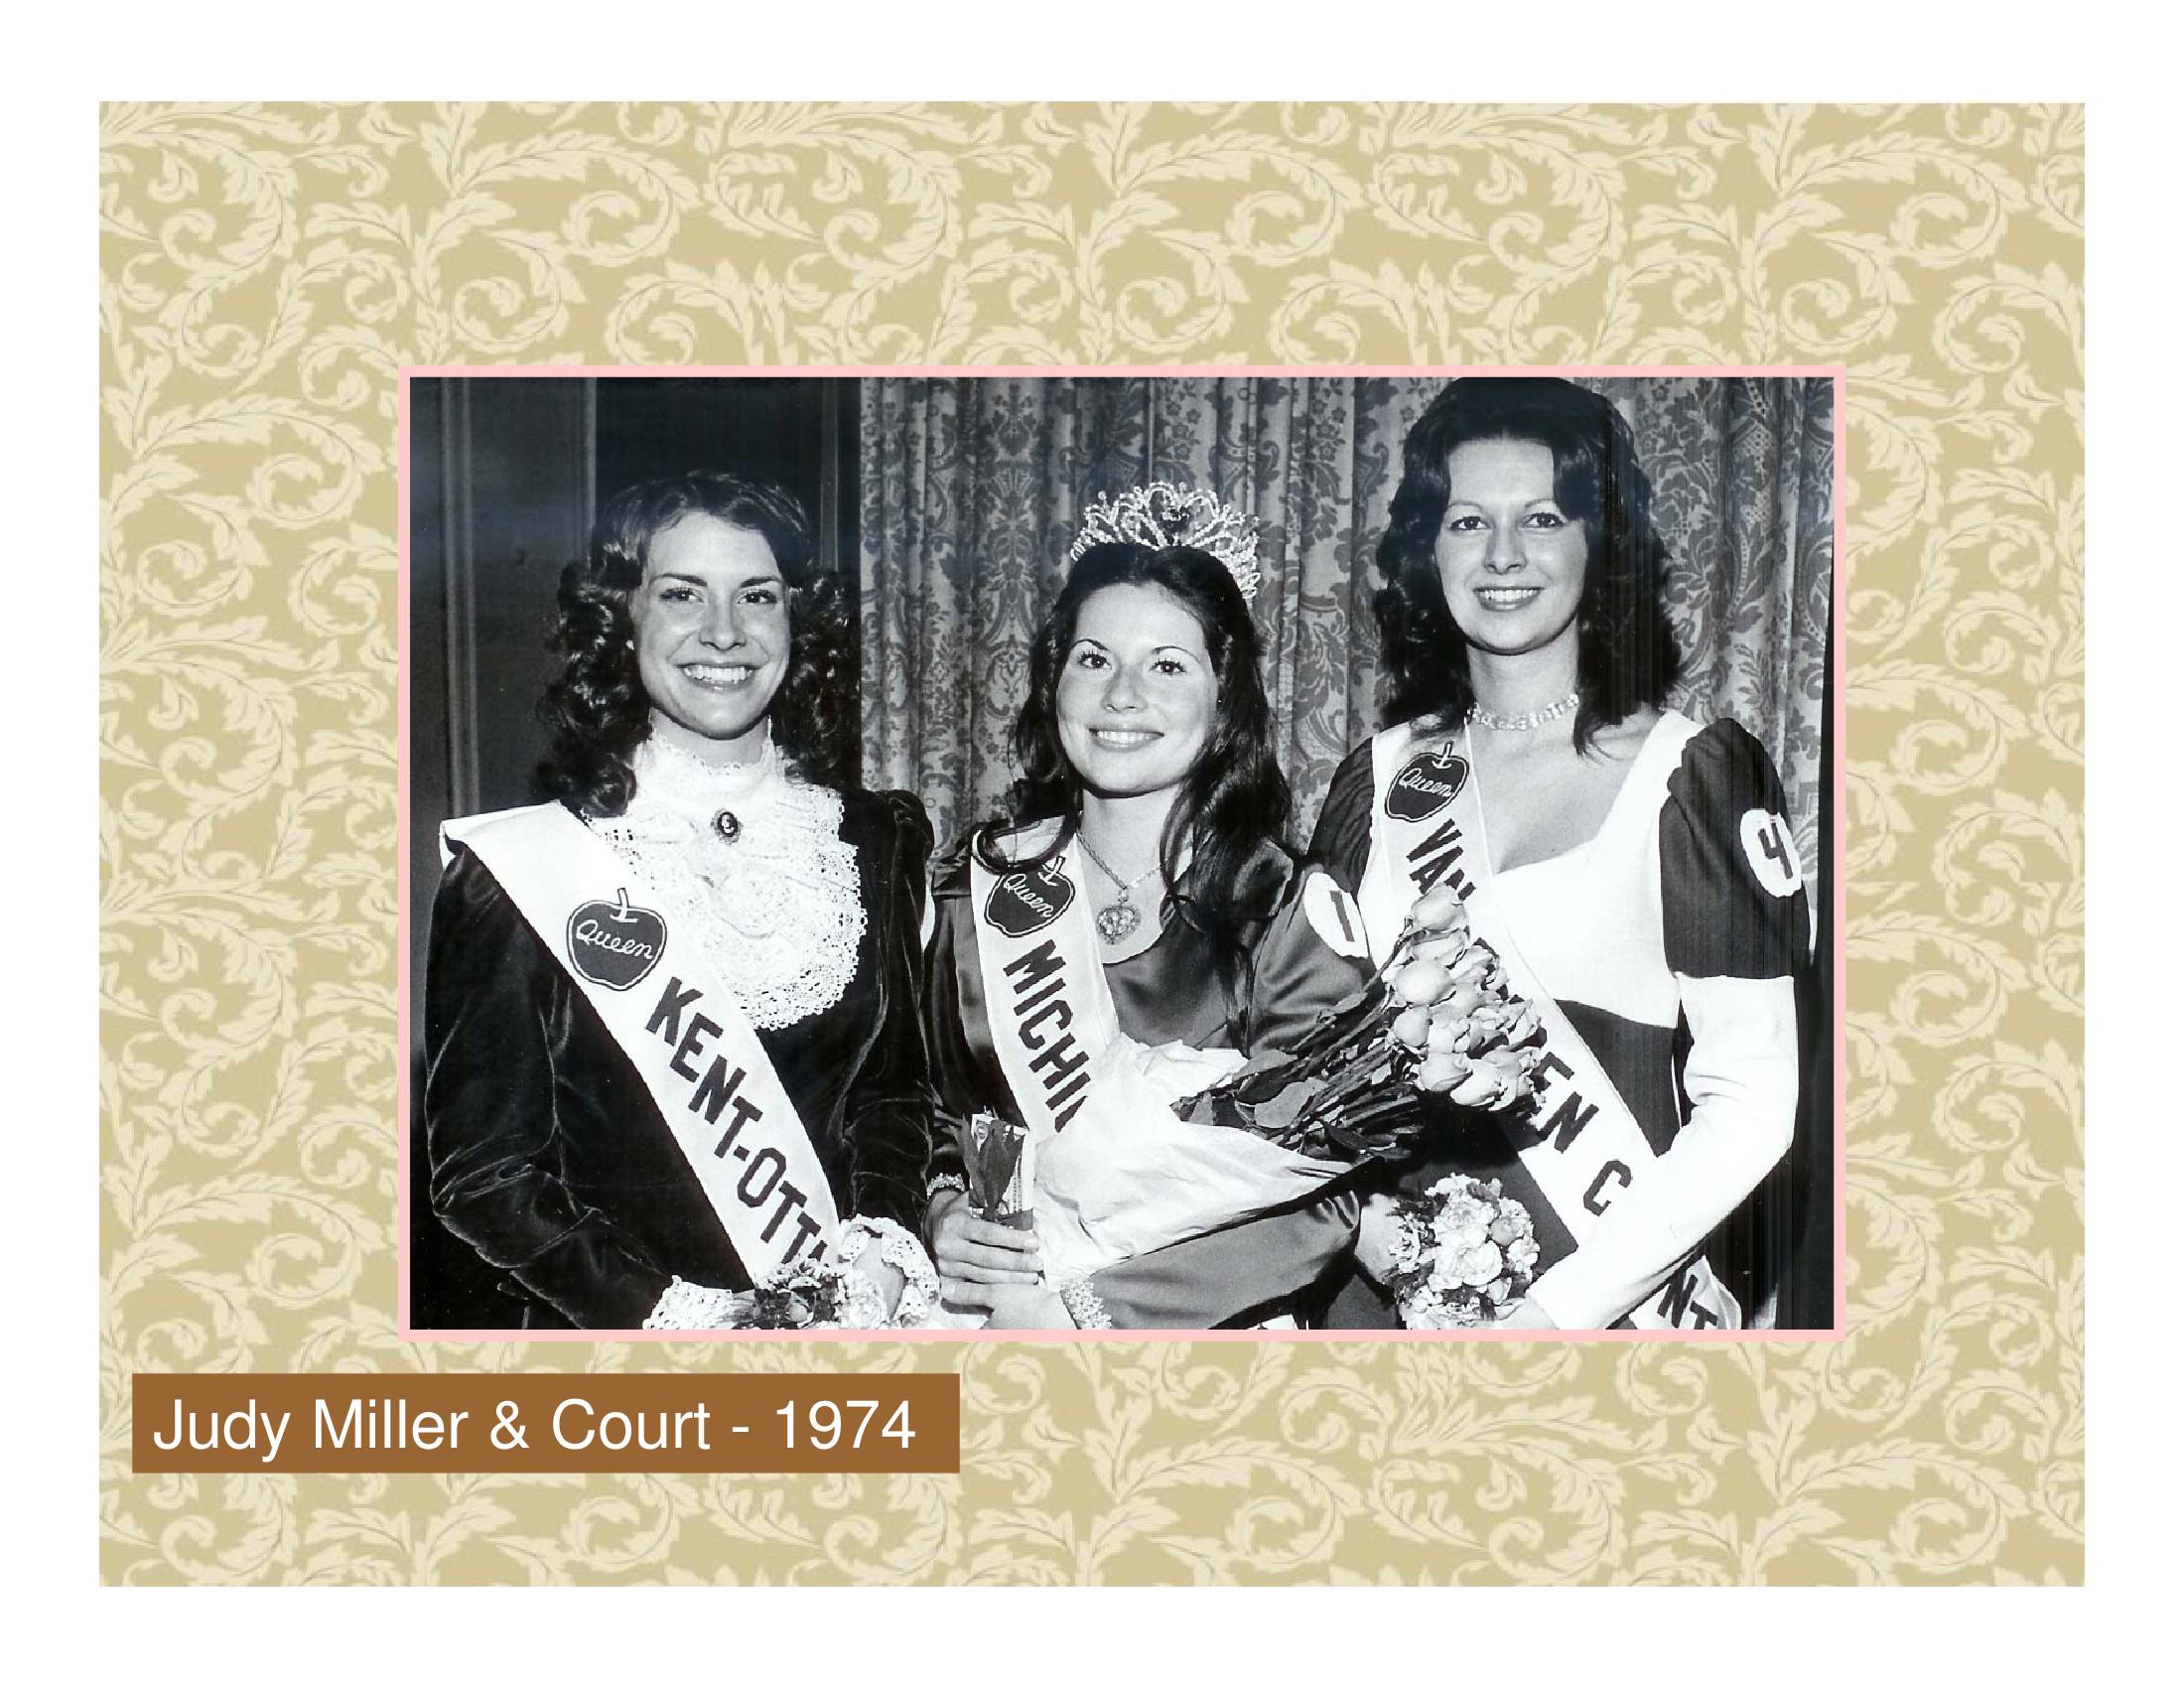 Judy Miller & Court - 1974